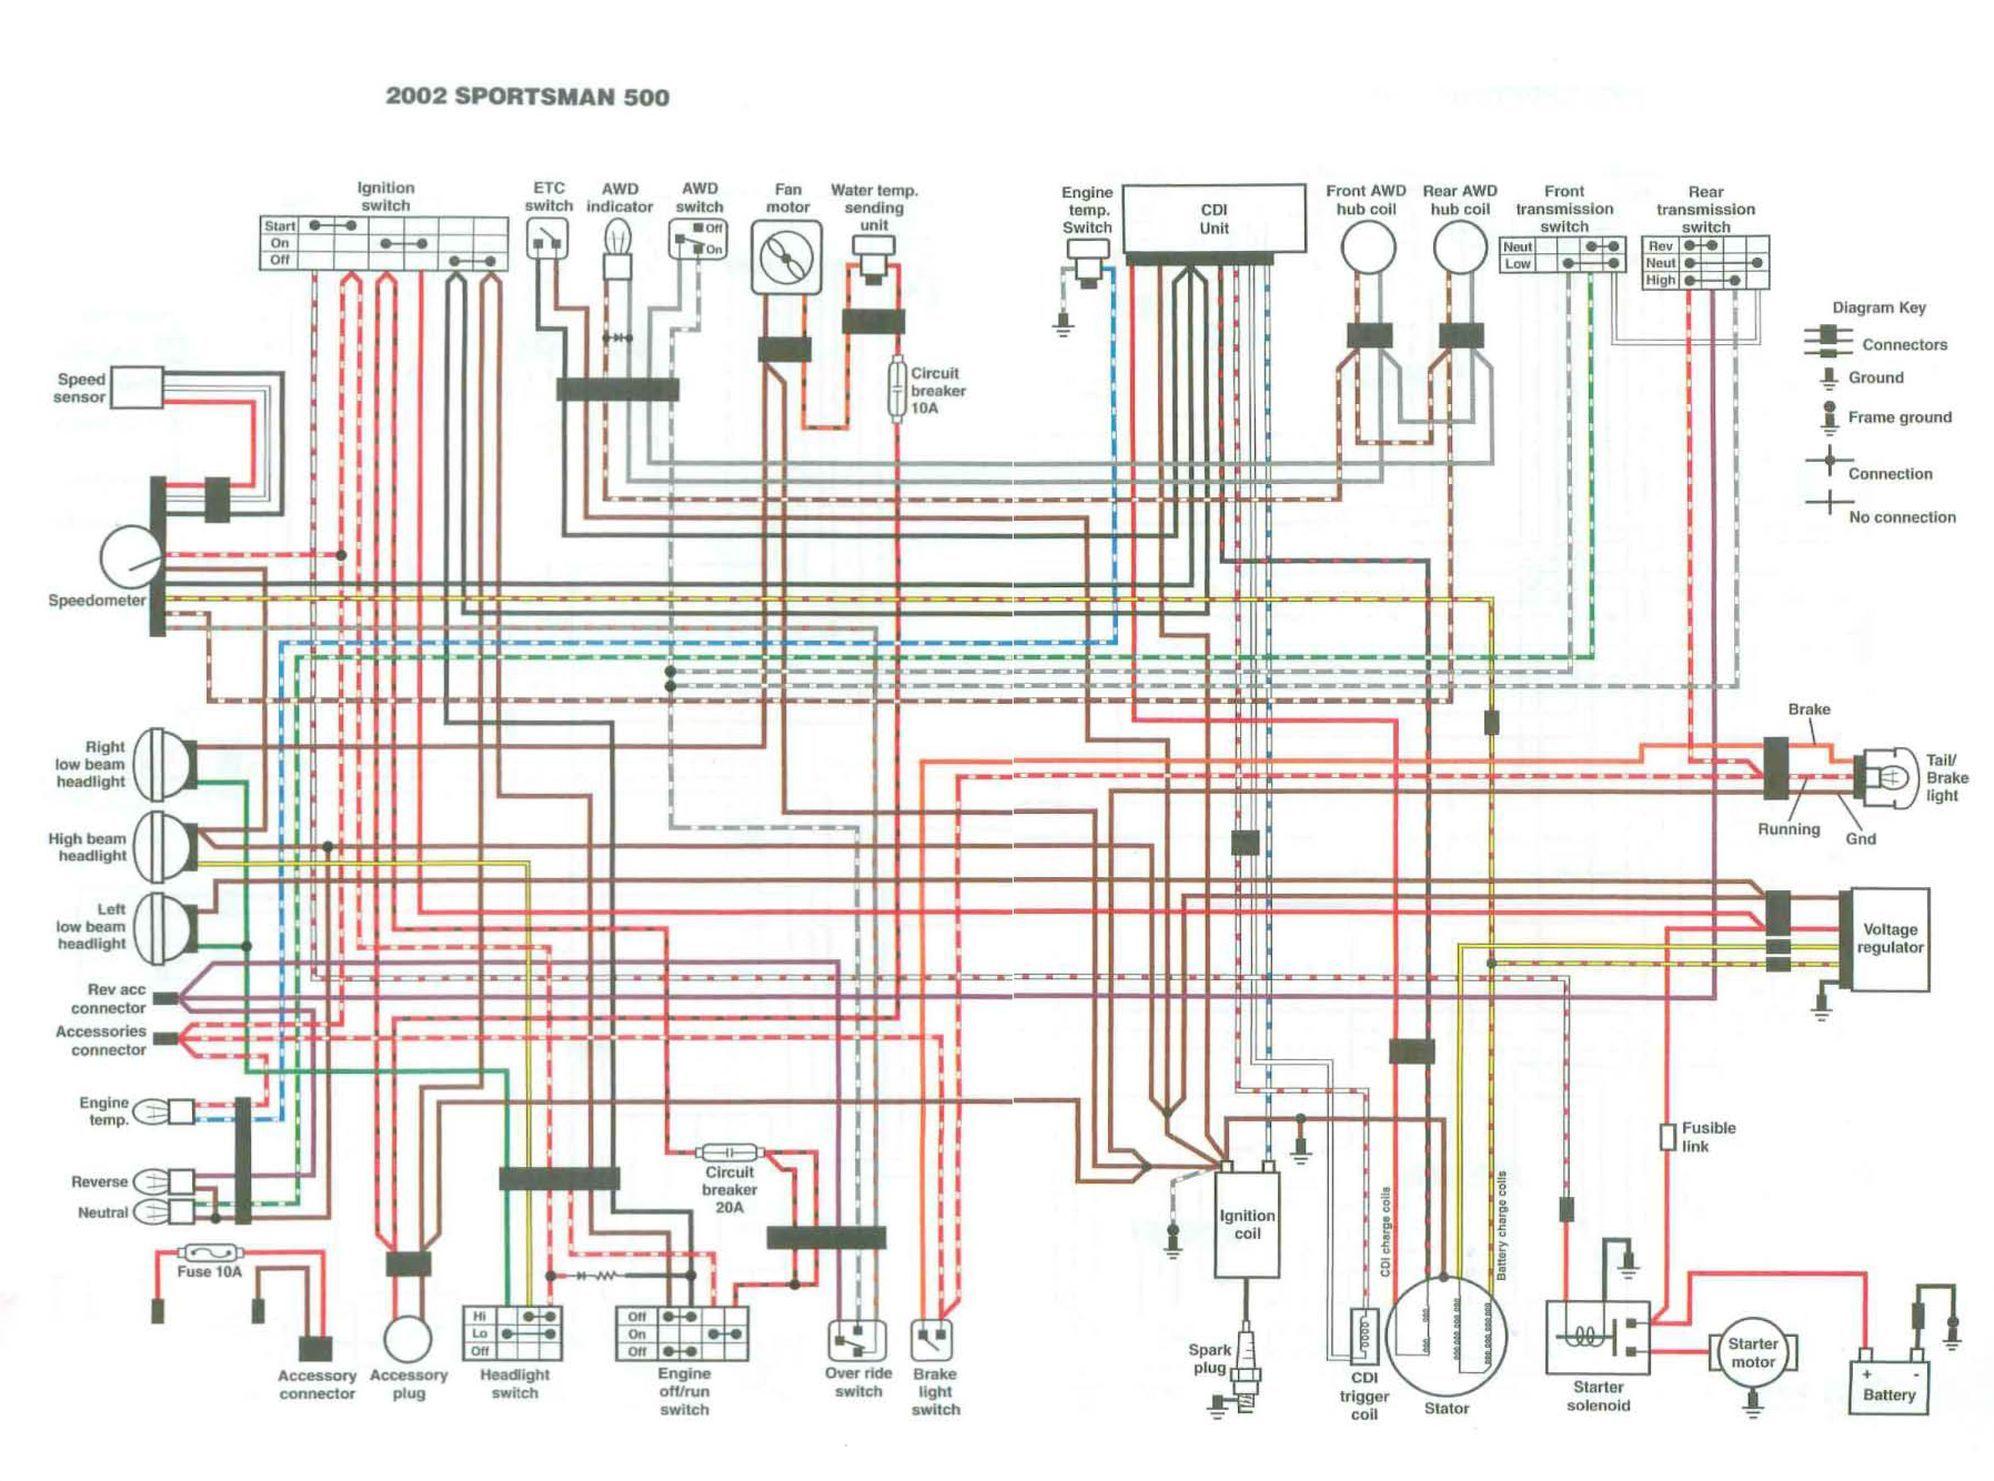 99 Polaris Ranger Wiring Diagram Wall Switch Schematic Wiring Diagram For Wiring Diagram Schematics